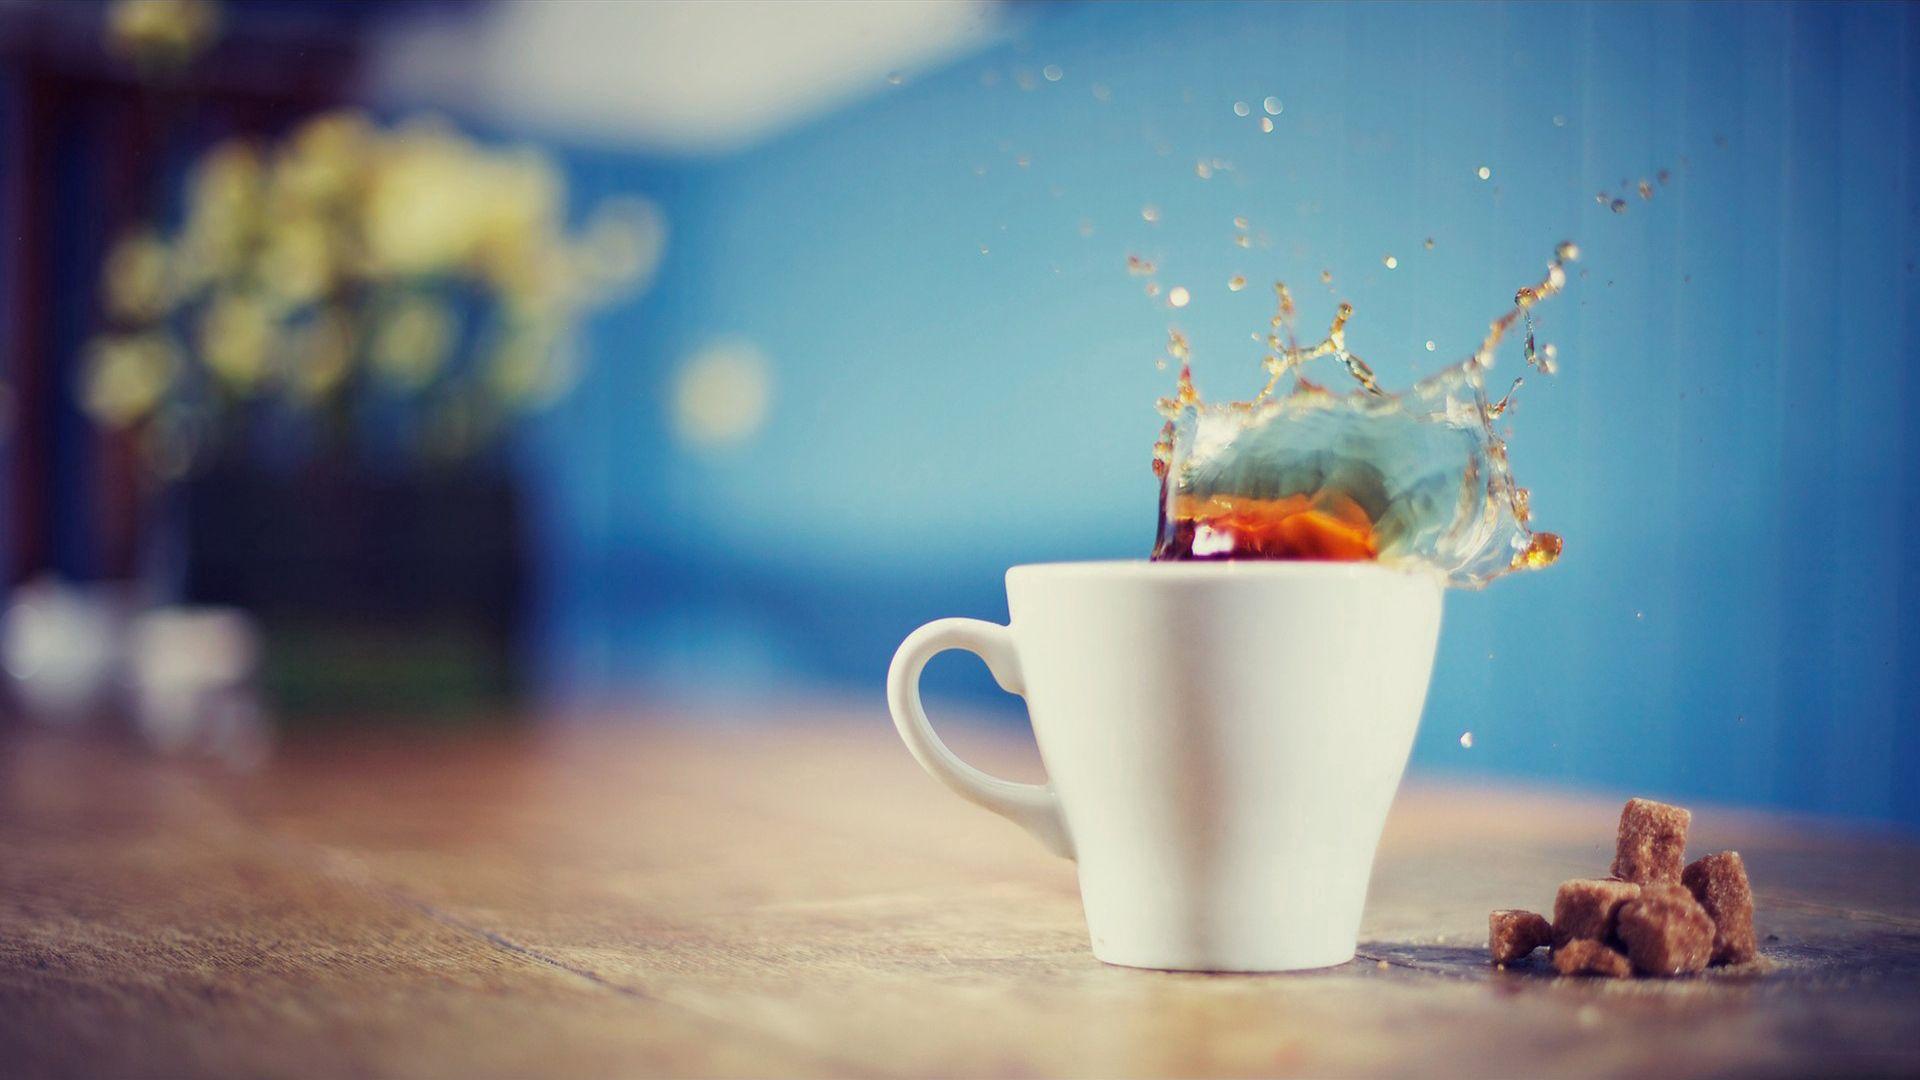 79695 Hintergrundbild herunterladen Lebensmittel, Getränke, Eine Tasse, Tasse, Sprühen, Spray, Trinken, Tee - Bildschirmschoner und Bilder kostenlos